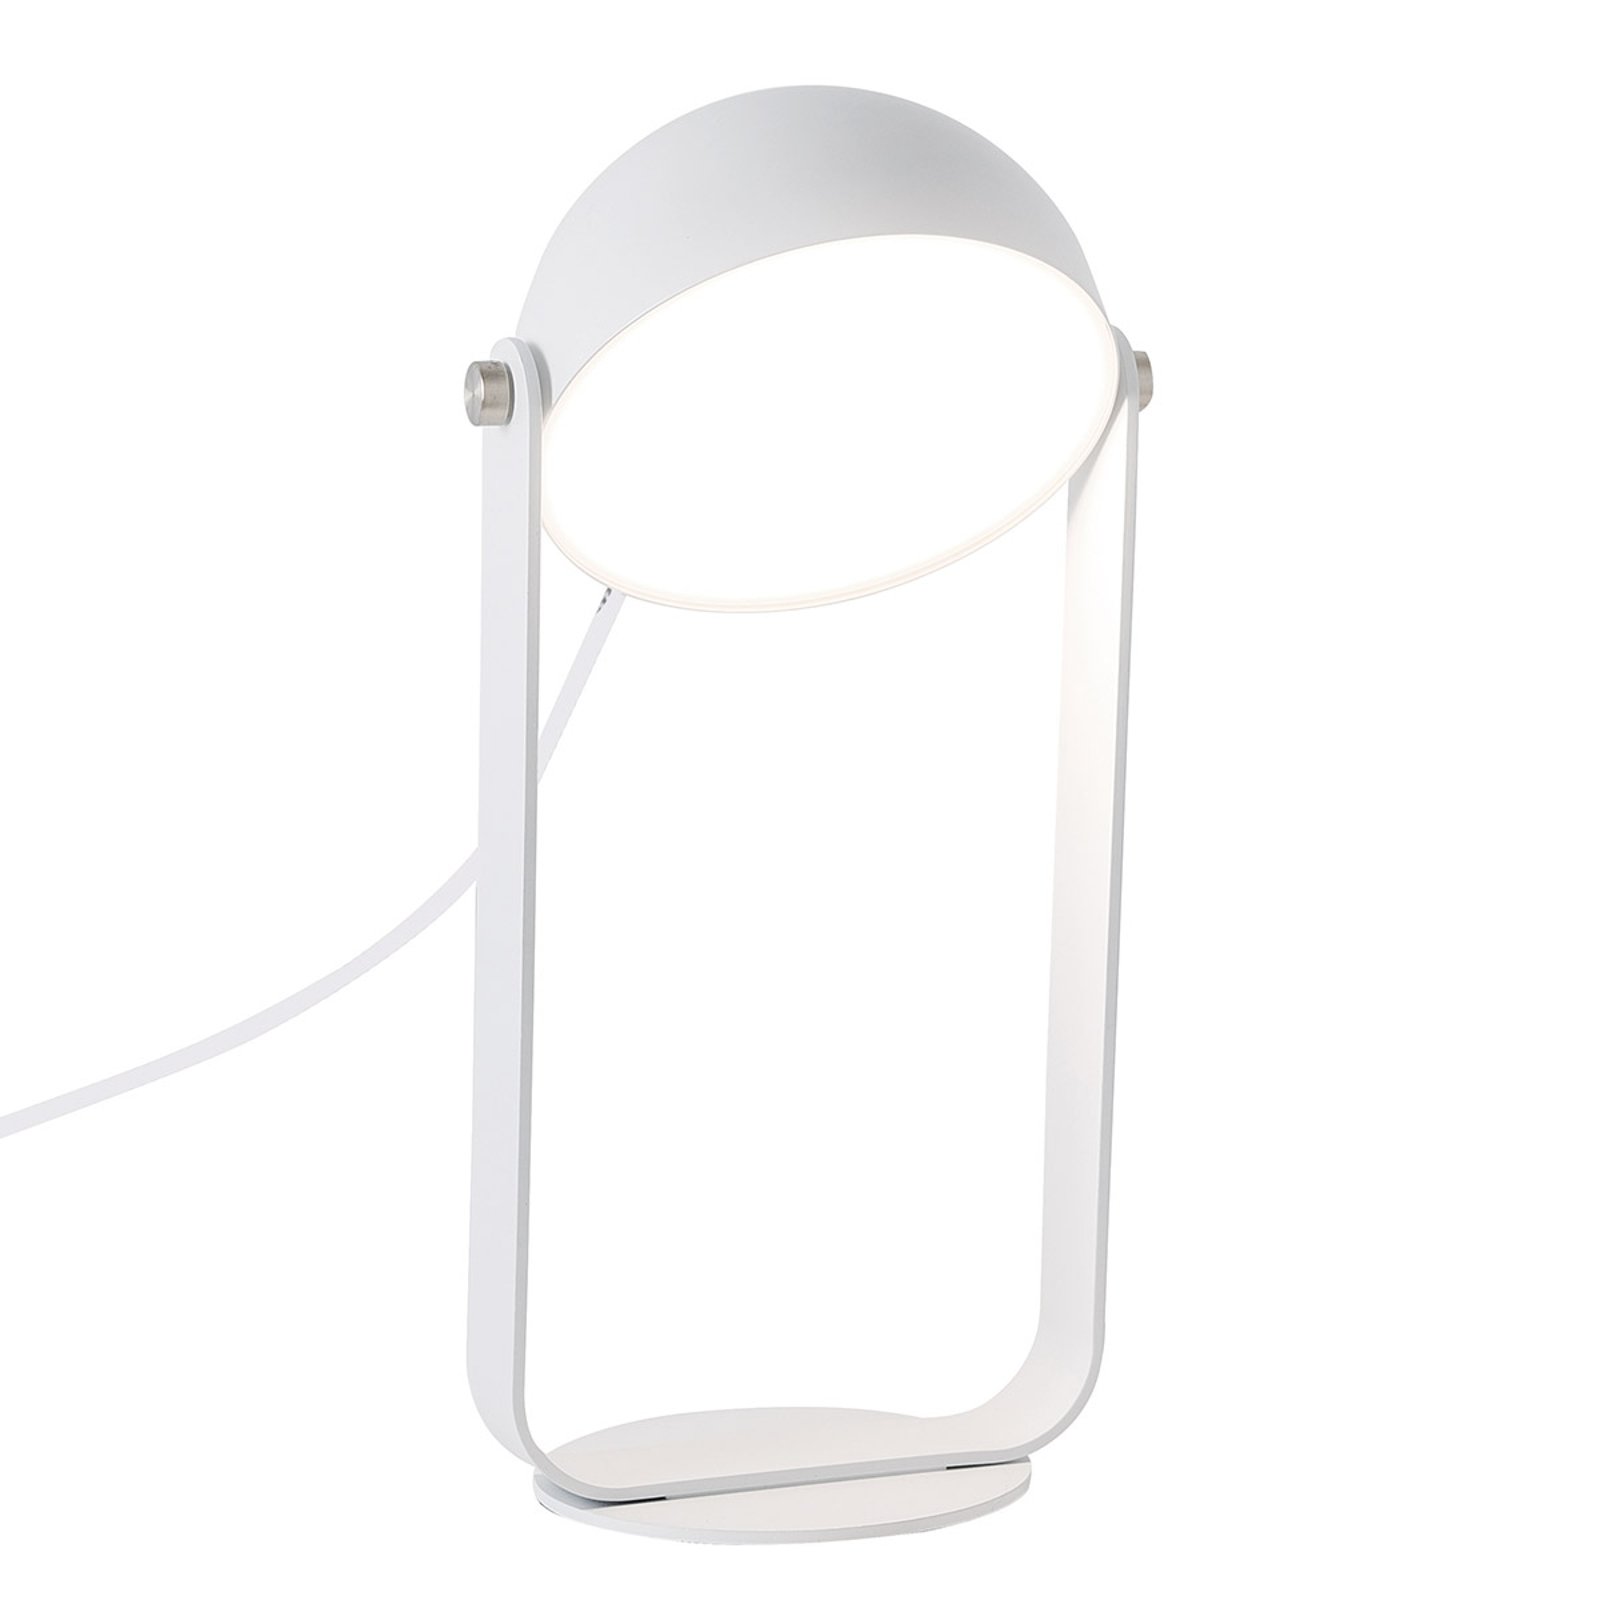 LED-Tischleuchte Hemi schwenkbarer Schirm weiß